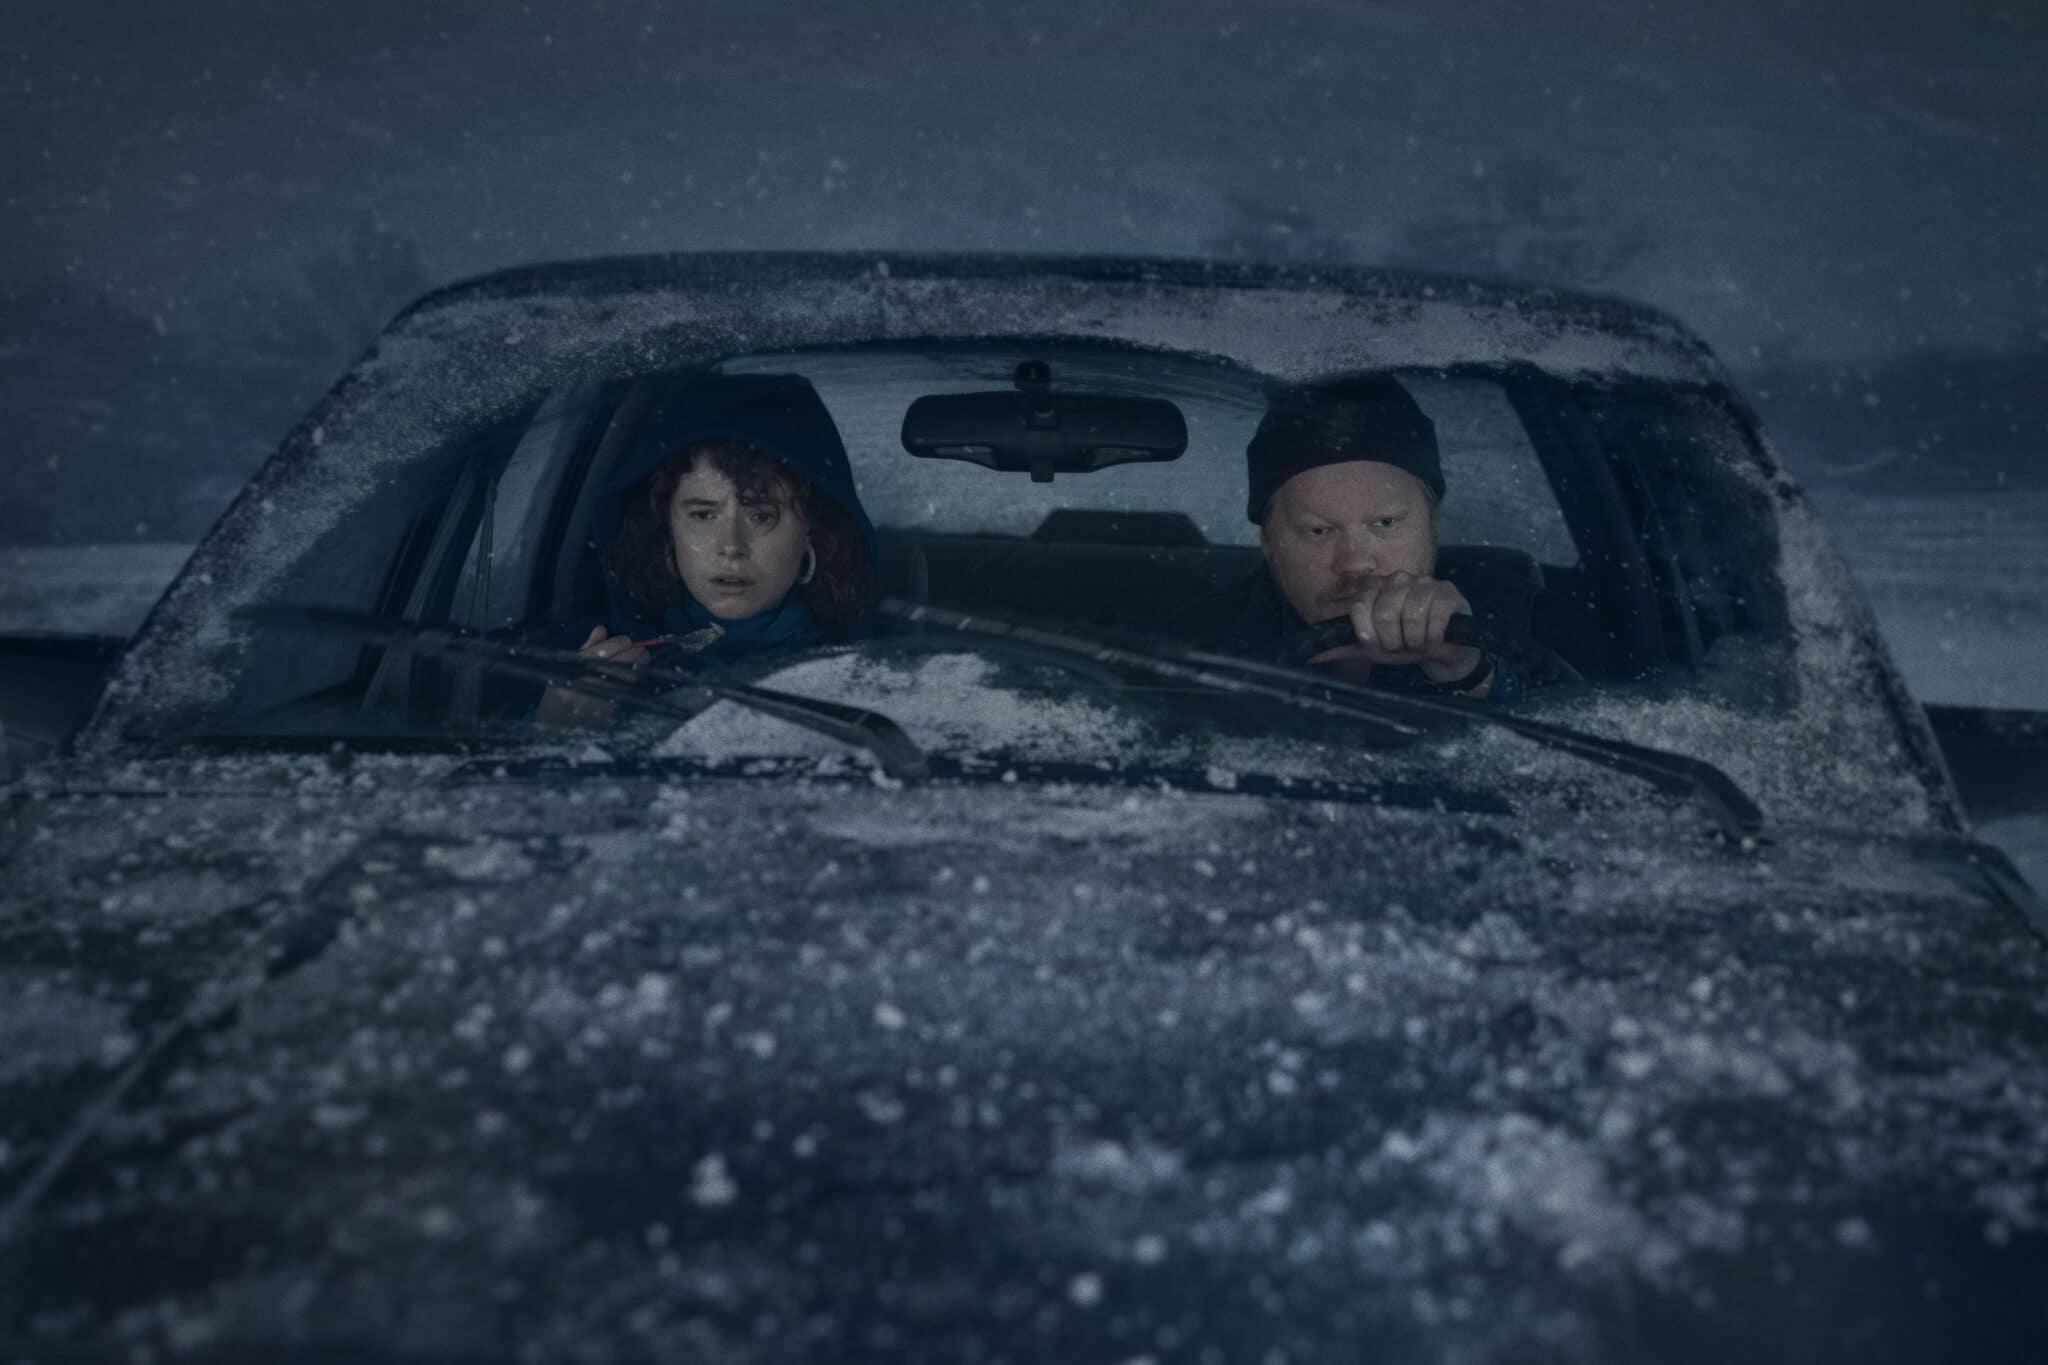 Die beiden Hauptcharaktere fahren im Schneesturm mit dem Auto